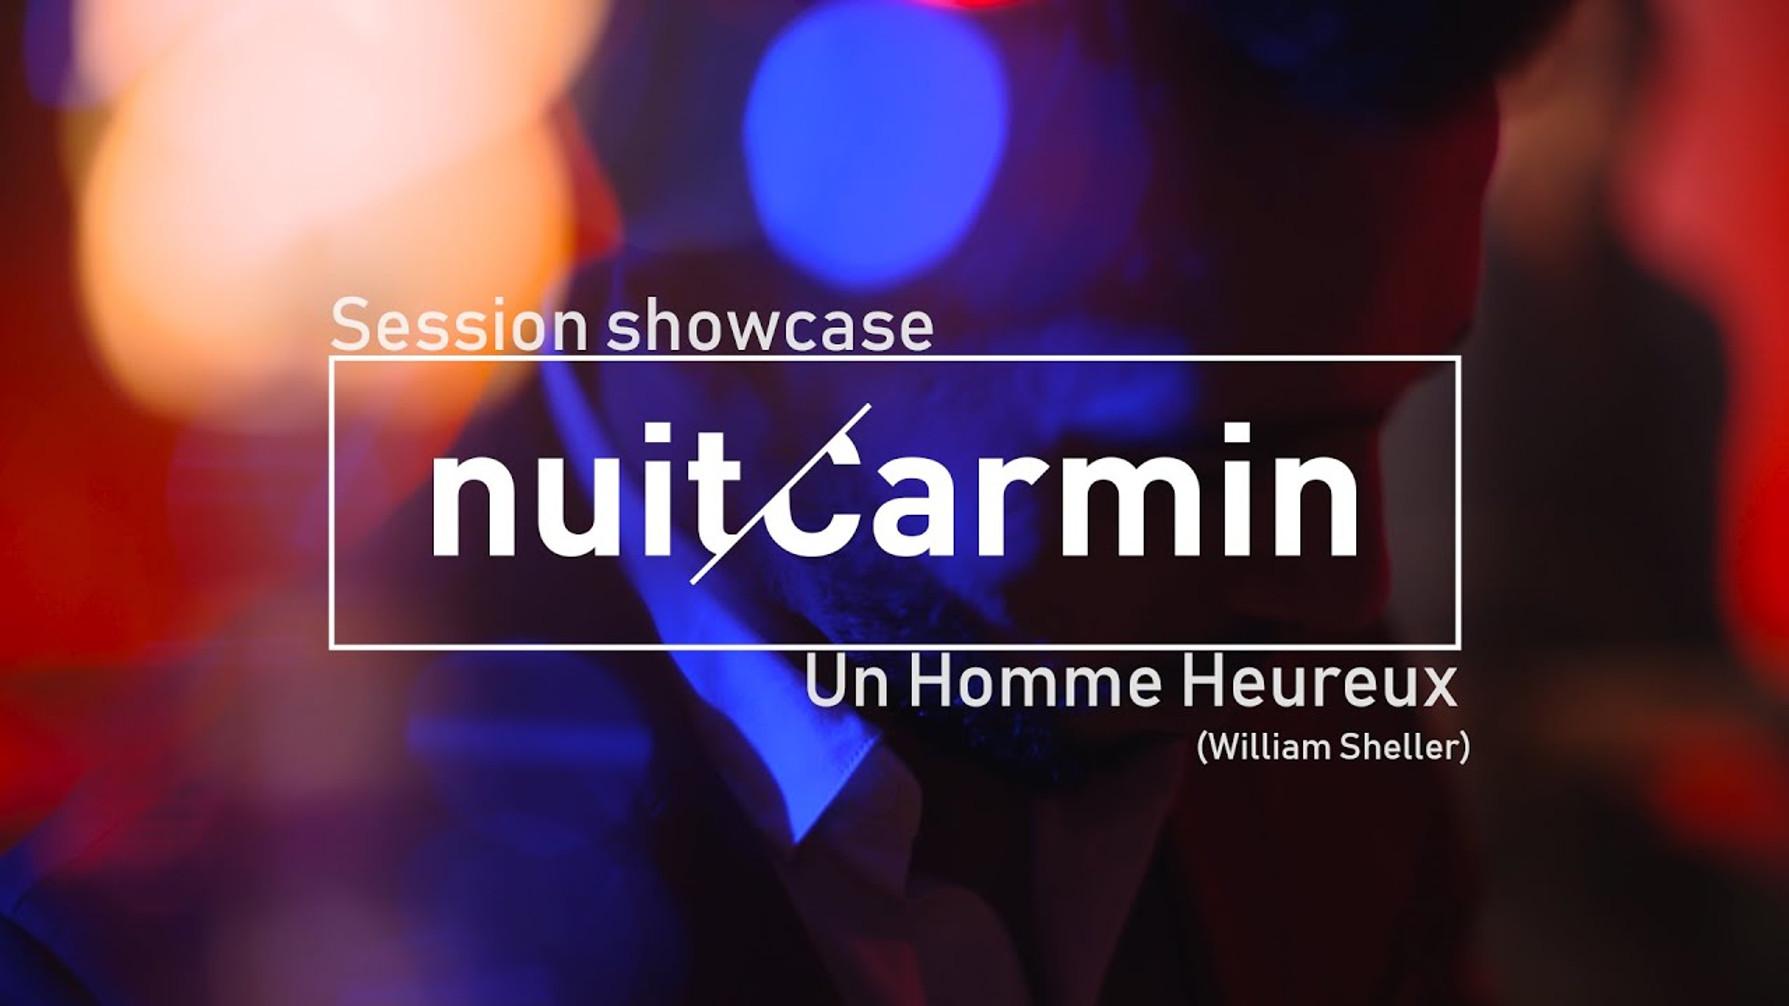 Nuit Carmin « Un Homme Heureux »